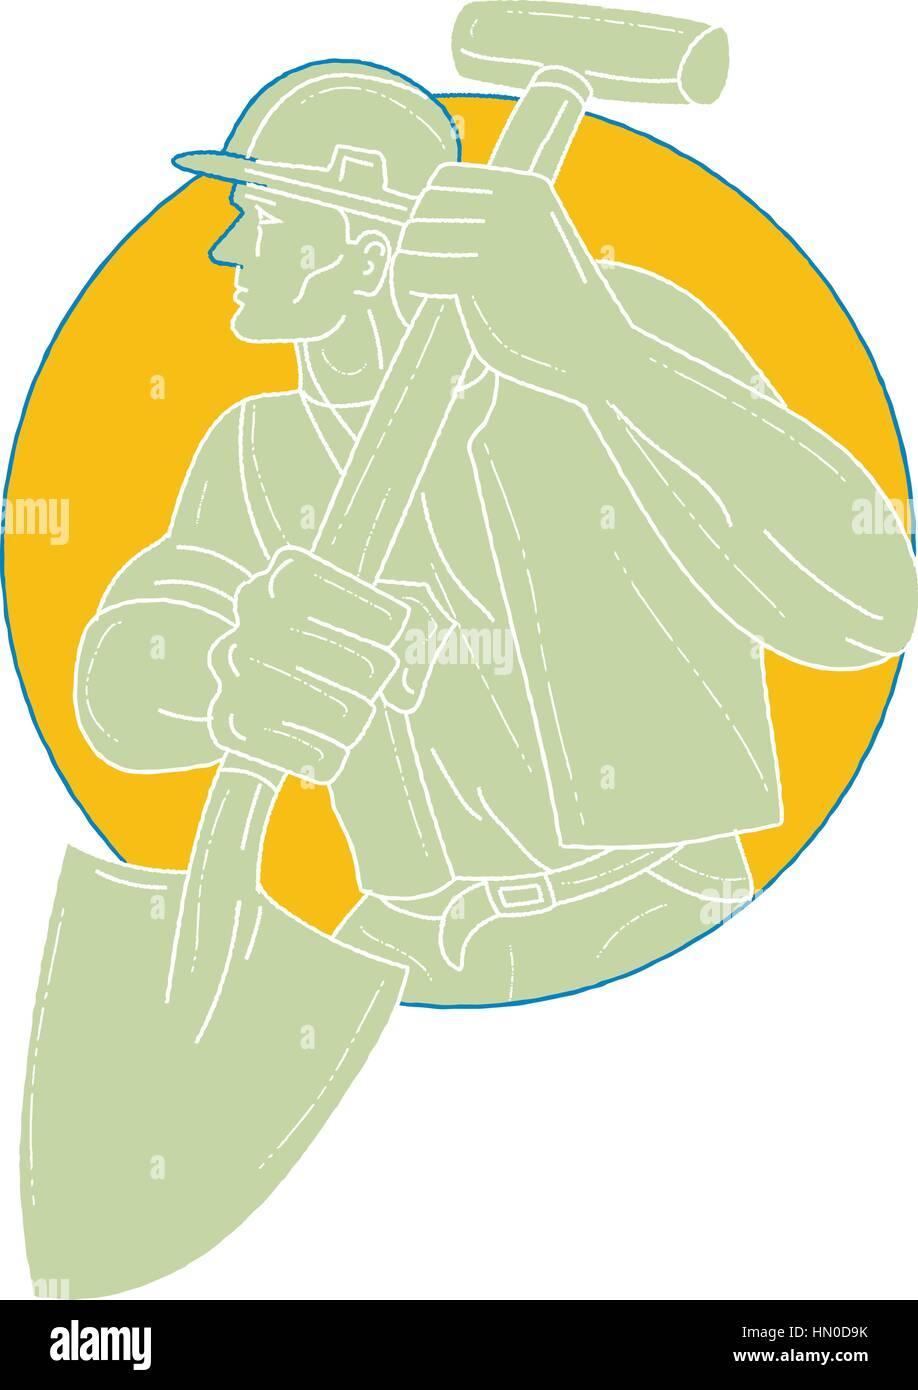 Style croquis dessin illustration d'une construction worker wearing hard hat holding à la pelle sur le Photo Stock